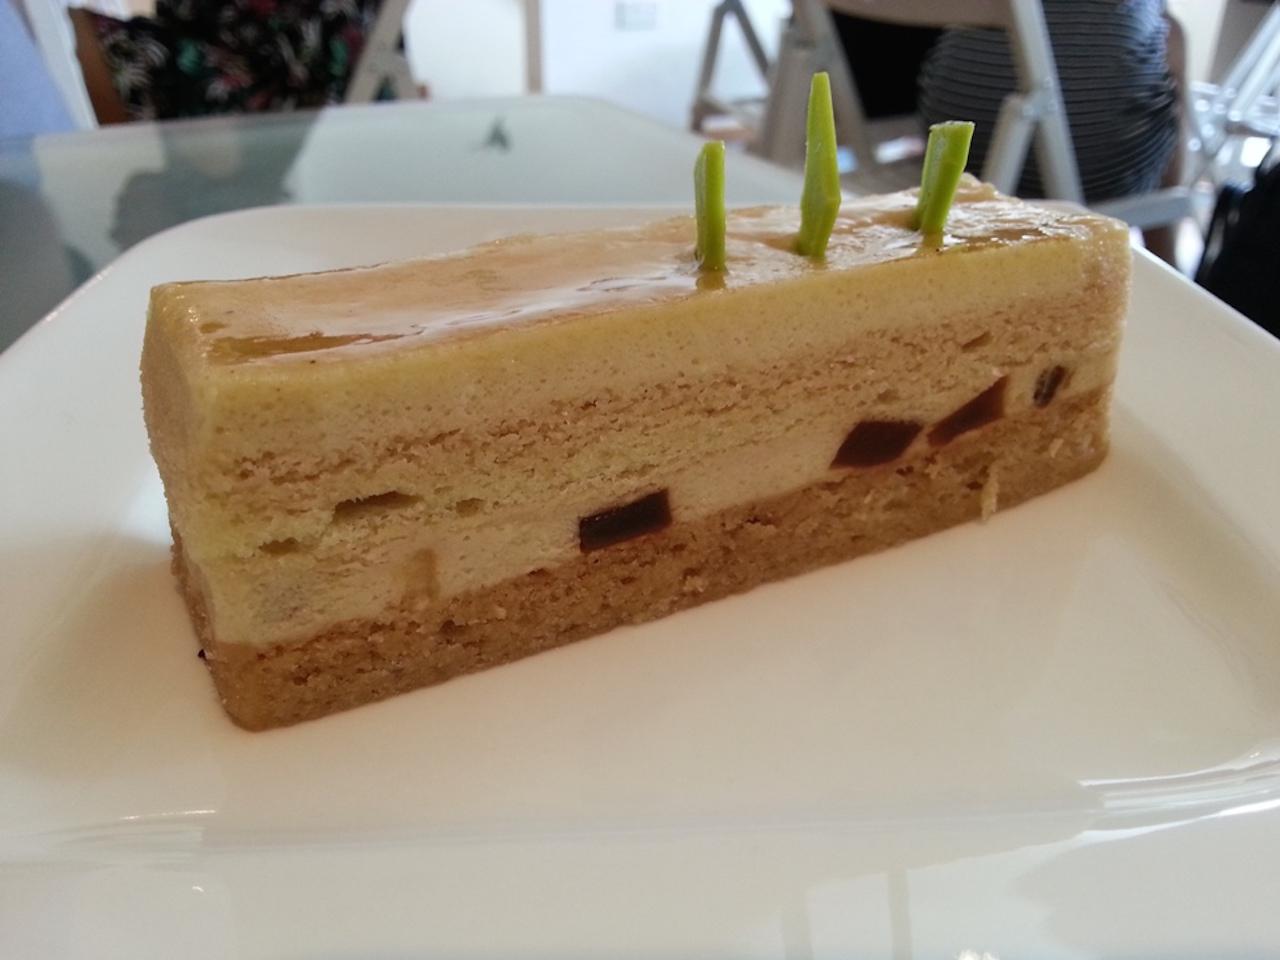 D'Good Cafe at 273 Holland Village